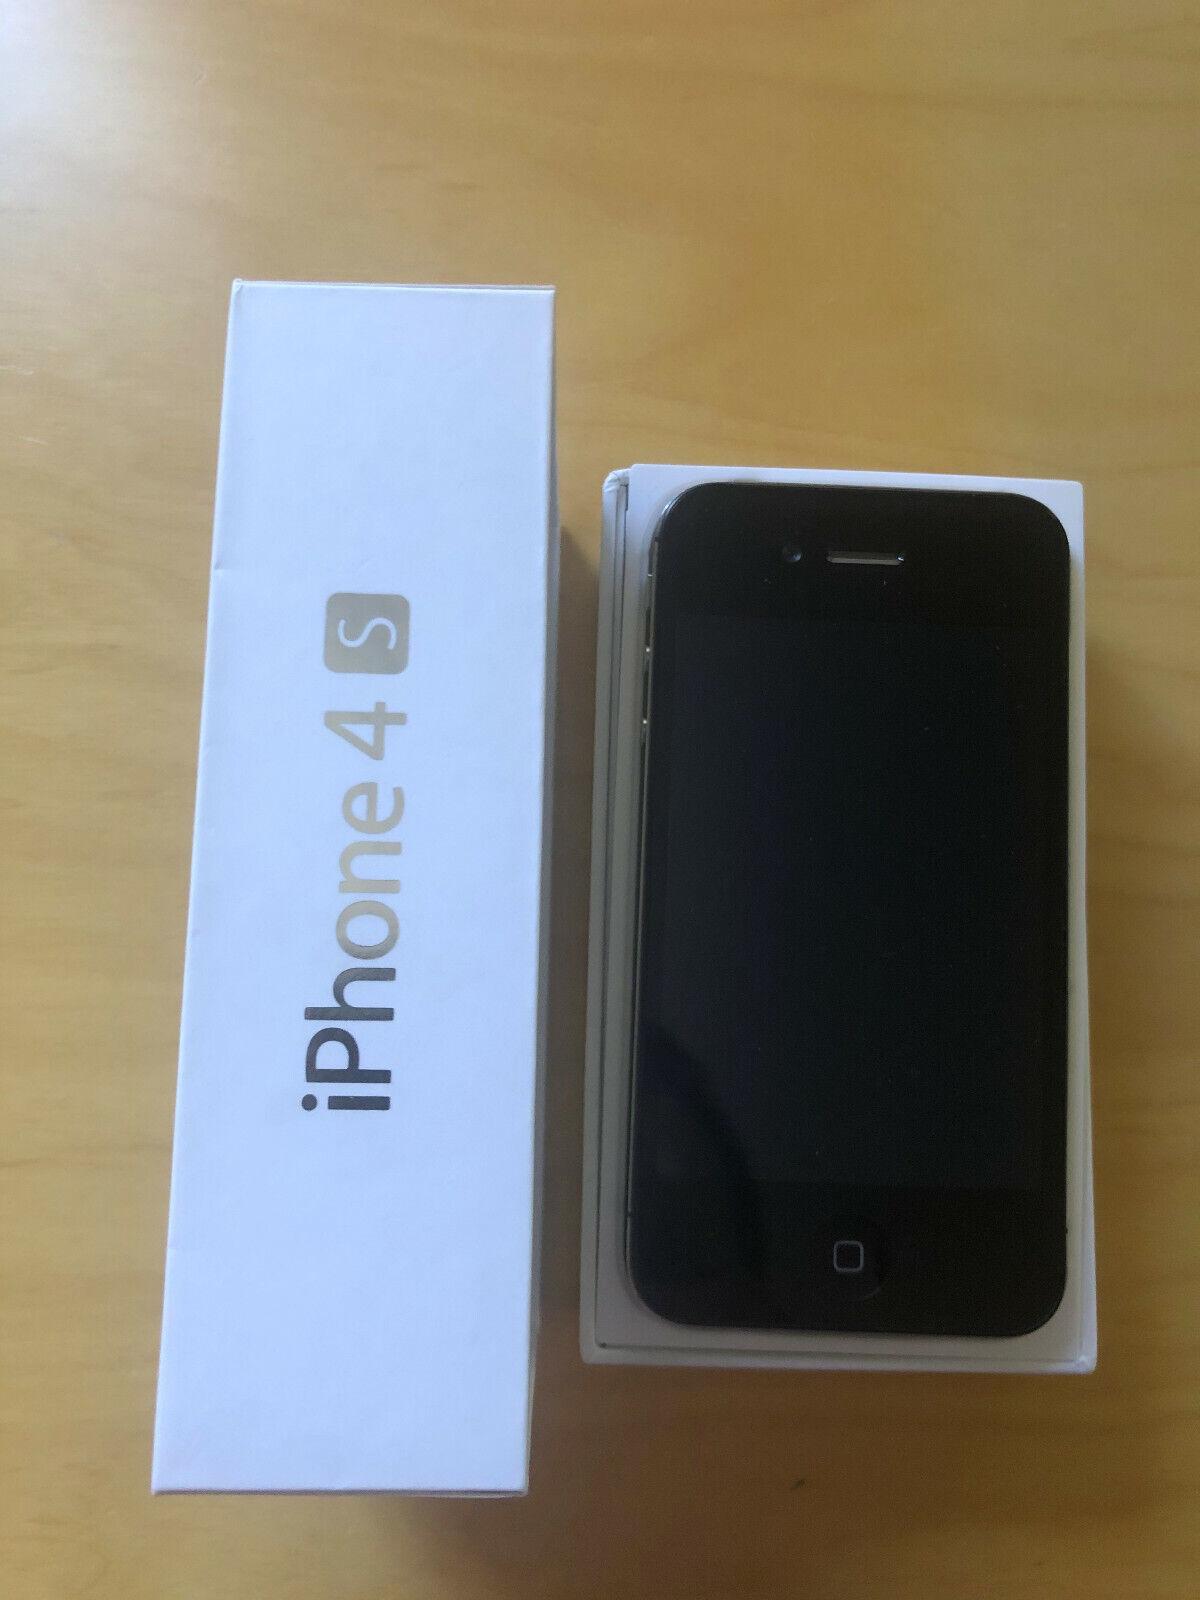 Apple iPhone 4s - 16GB - Schwarz (Ohne Simlock) sehr guter Zustand & OVP